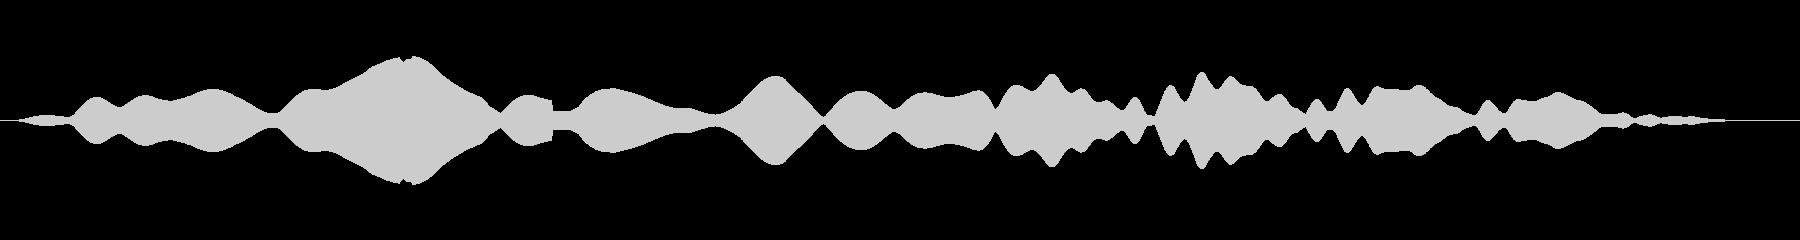 素材 シンプルムービングサインロング02の未再生の波形